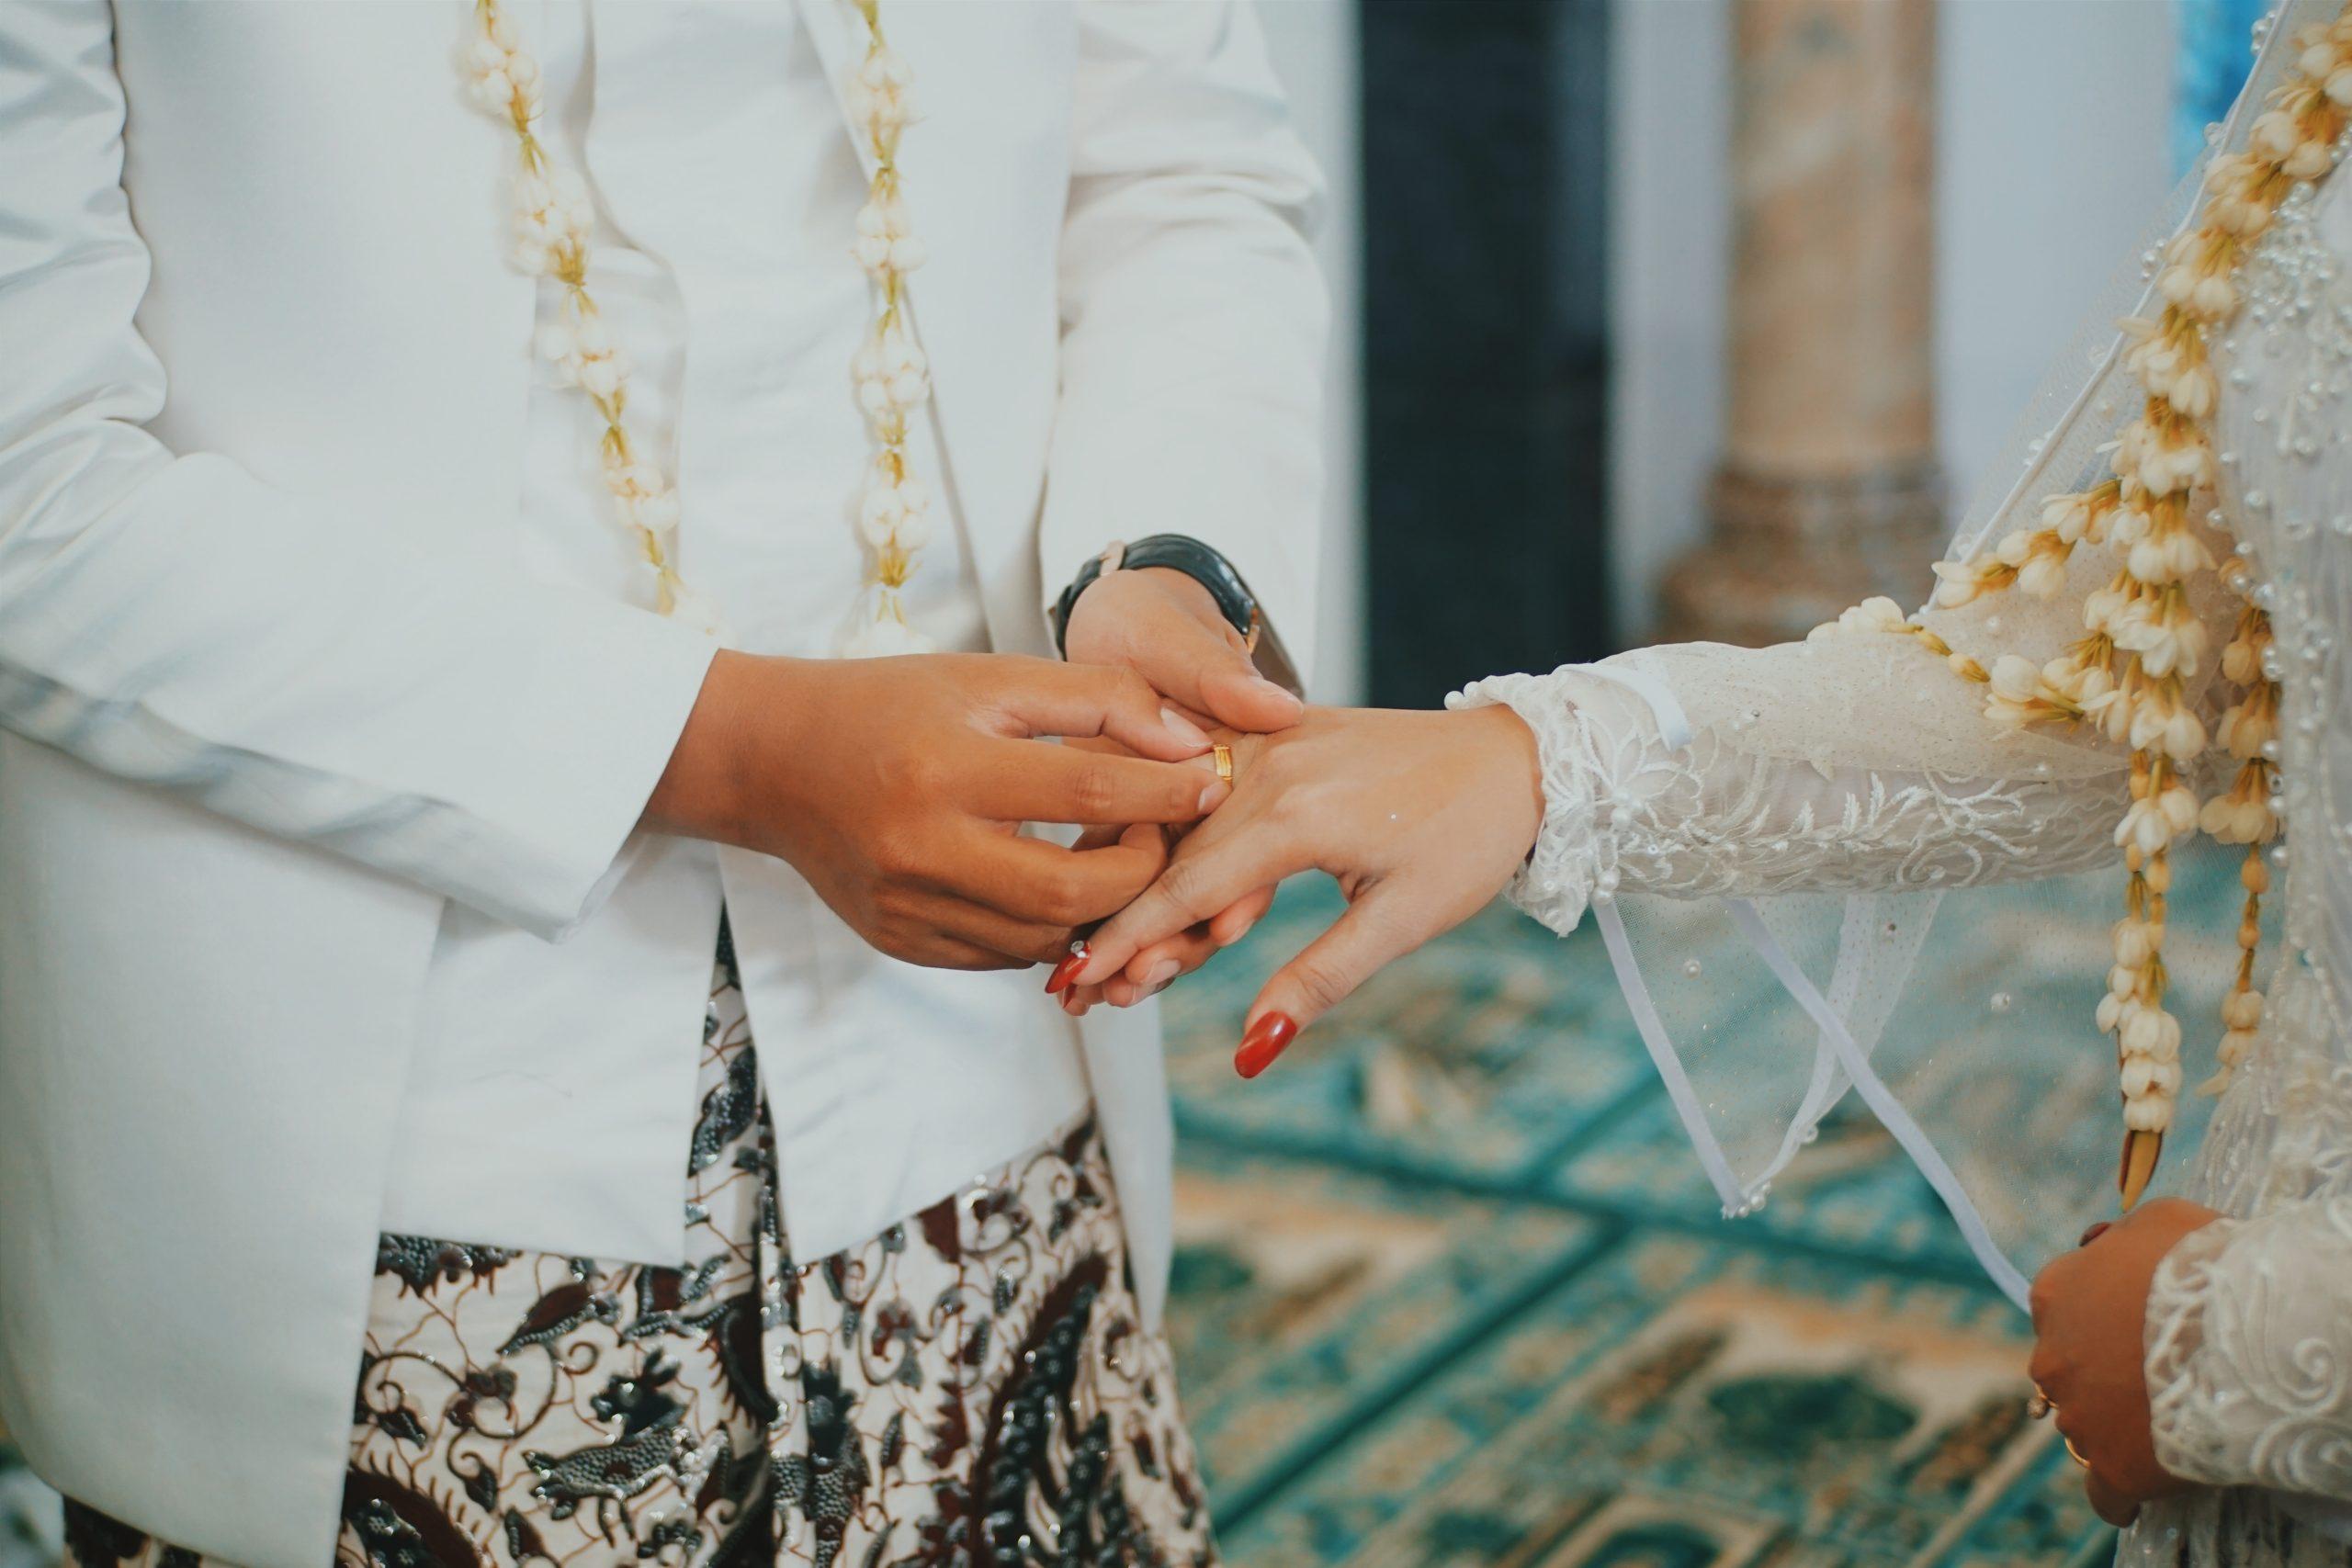 結婚指輪・婚約指輪をつける指はどこ?国によって違っていた